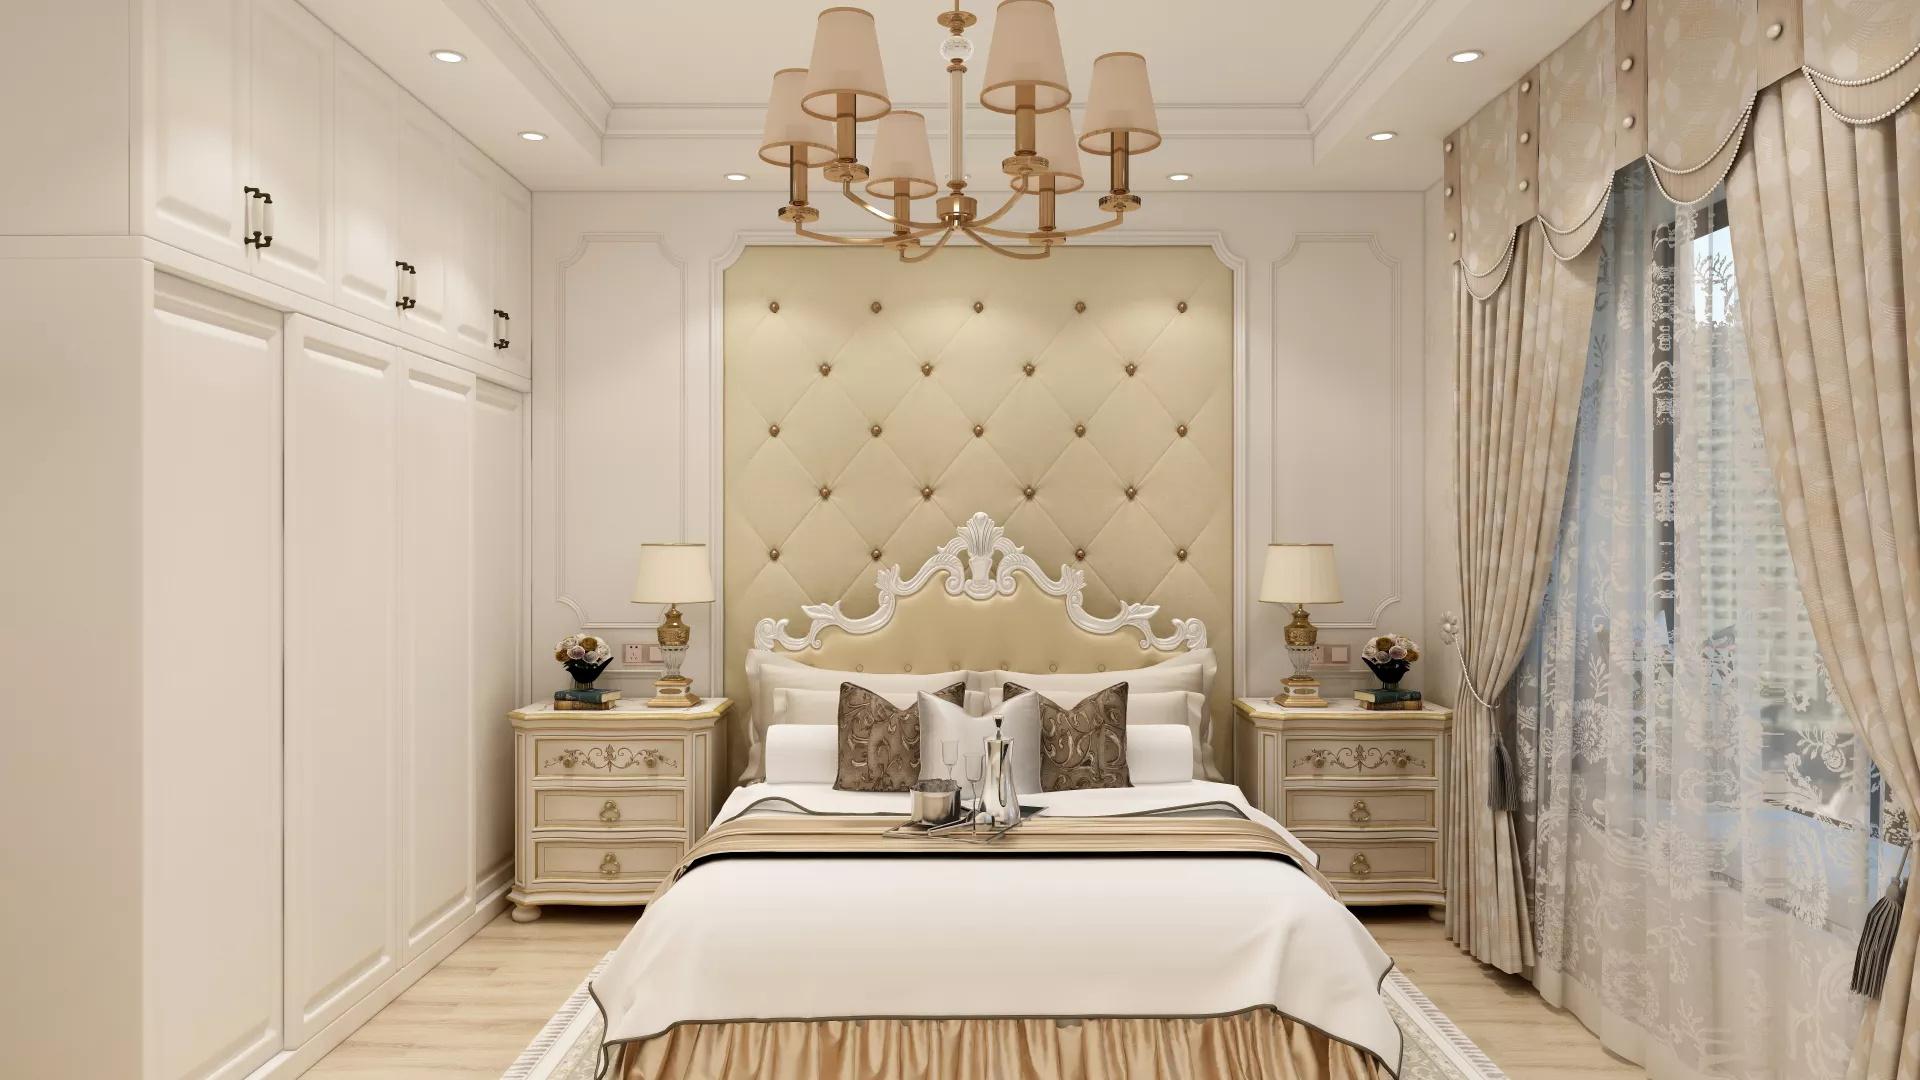 唯美清爽简欧风格二居室装修设计效果图